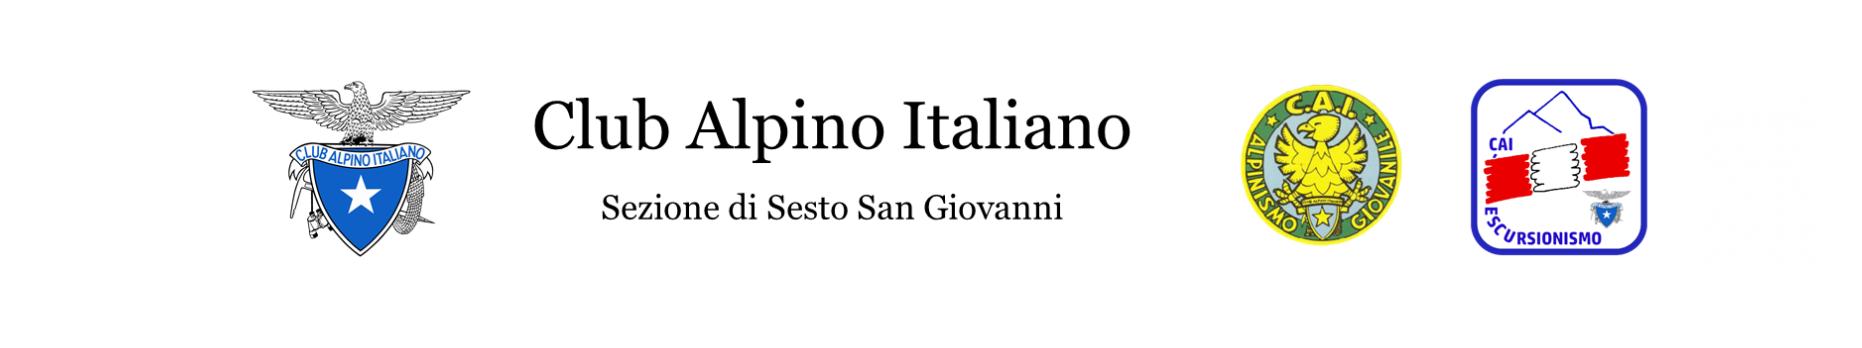 Associzione C.A.I. - Club Alpino Italiano Sezione di Sesto San Giovanni - logo